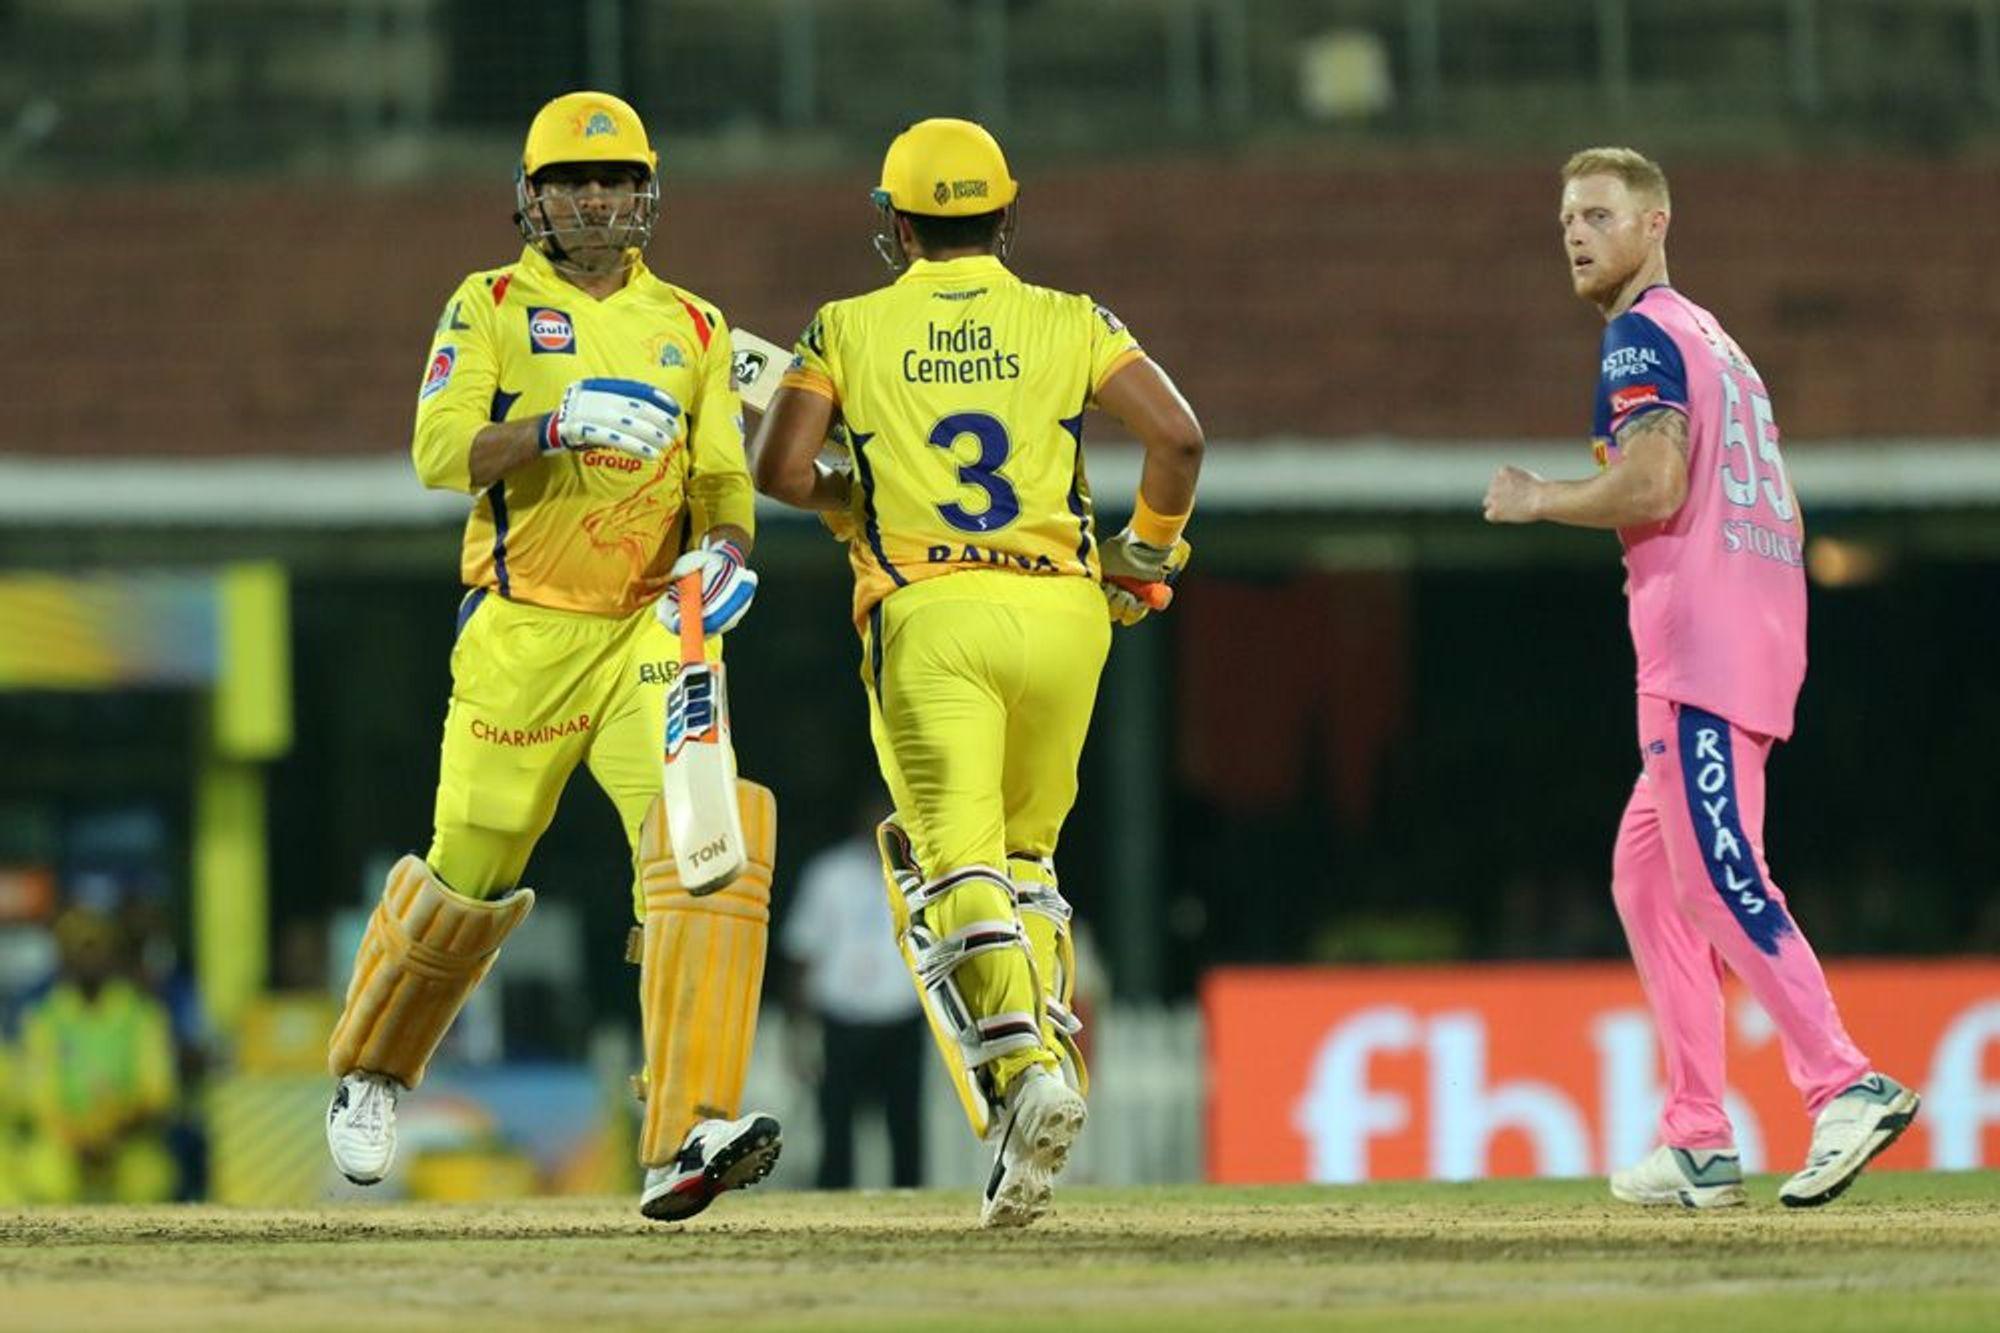 CSKvsRR : धोनी की तूफानी पारी से 8 रन के अंतर से जीता चेन्नई सुपर किंग्स, रहाणे की यह गलती टीम को पड़ी भारी